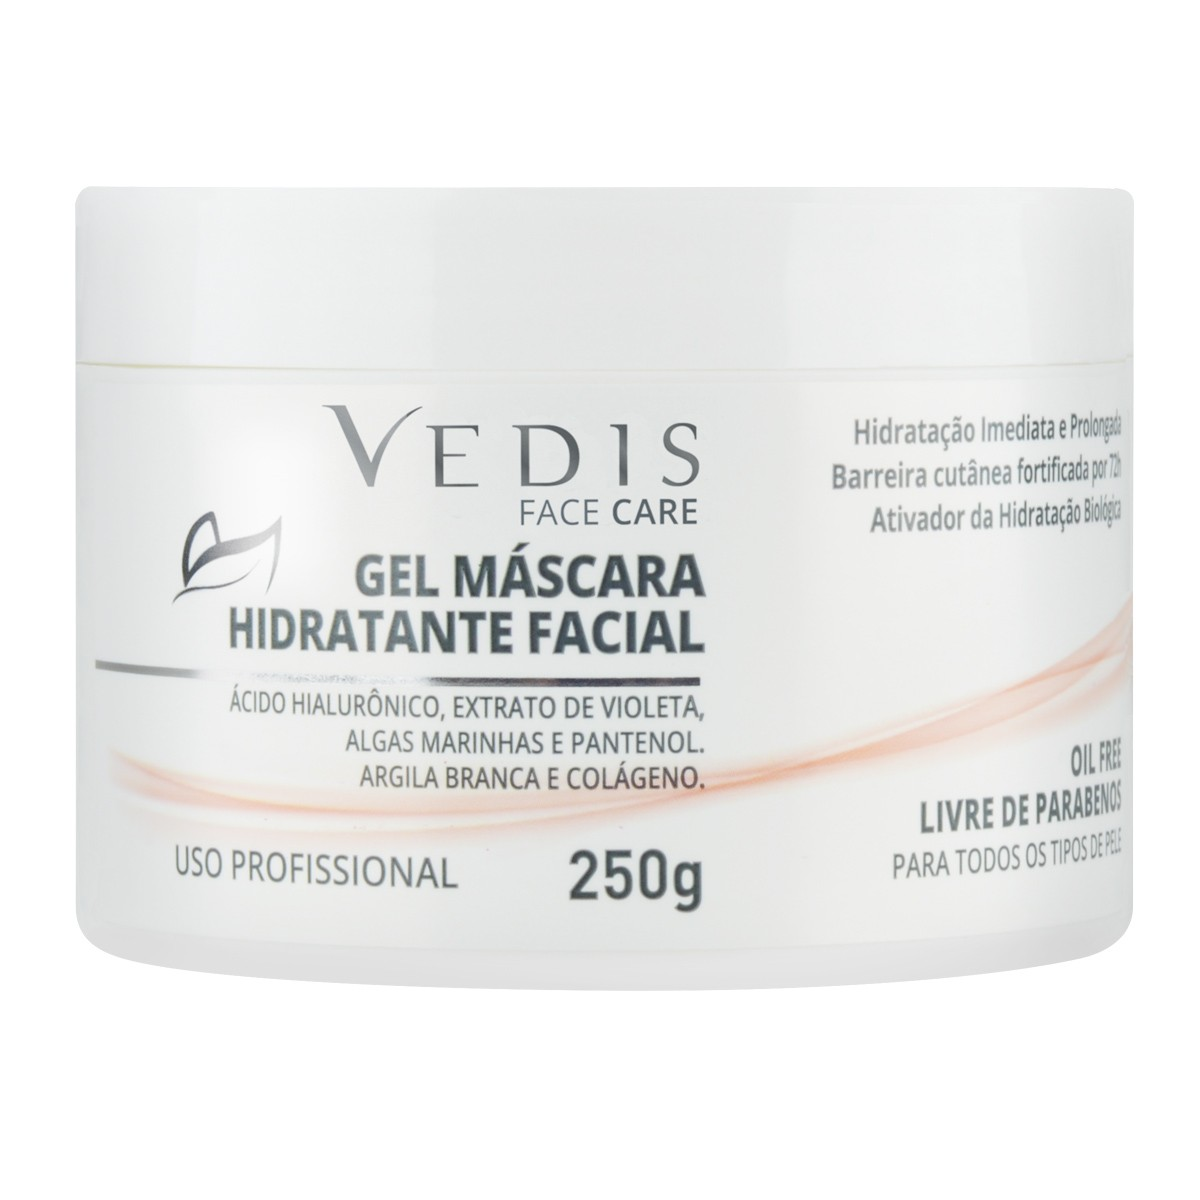 Gel Máscara Hidratante Facil 250g - Vedis